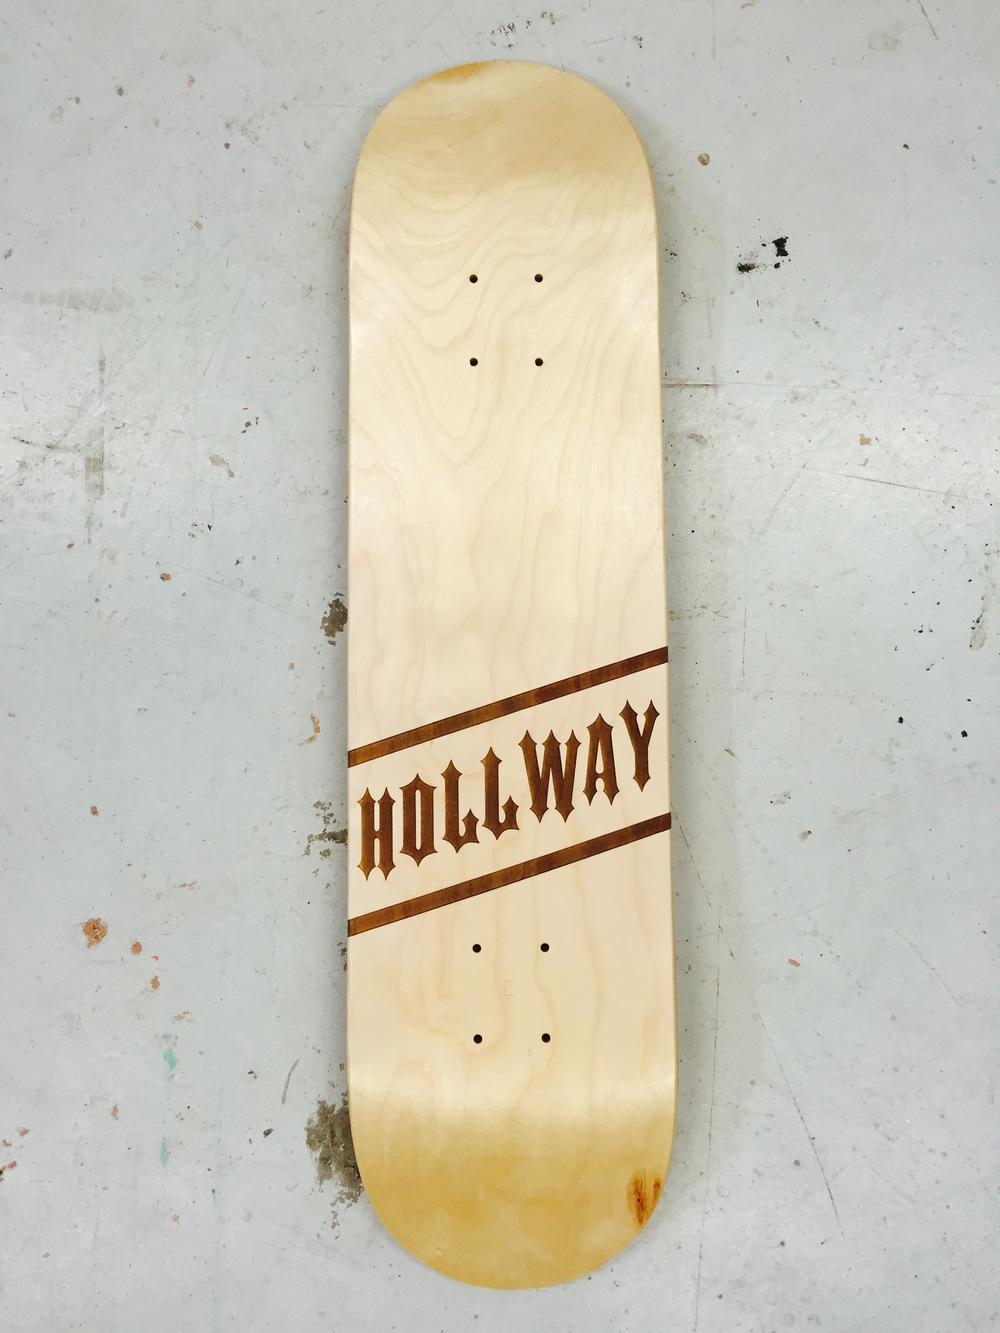 ARCHIE HOLLWAY